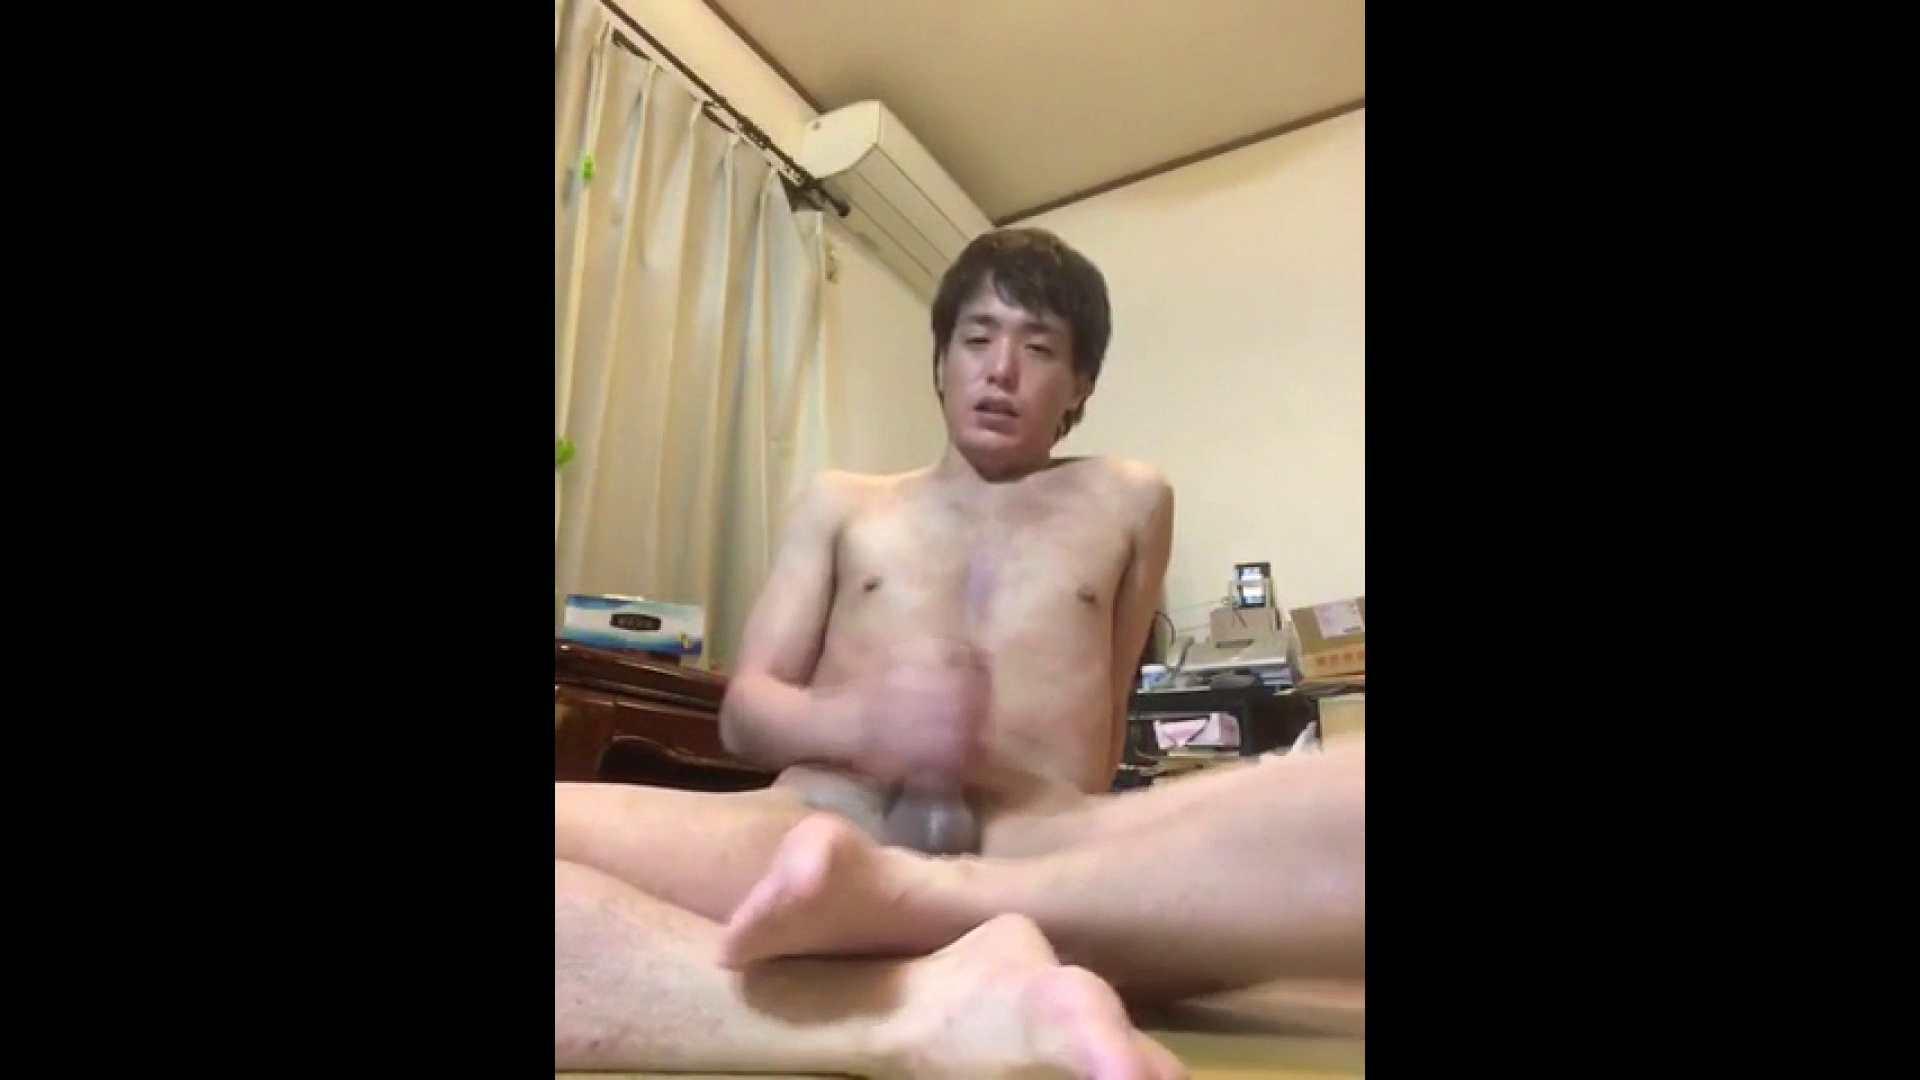 個人撮影 自慰の極意 Vol.30 オナニー ゲイエロビデオ画像 87pic 23